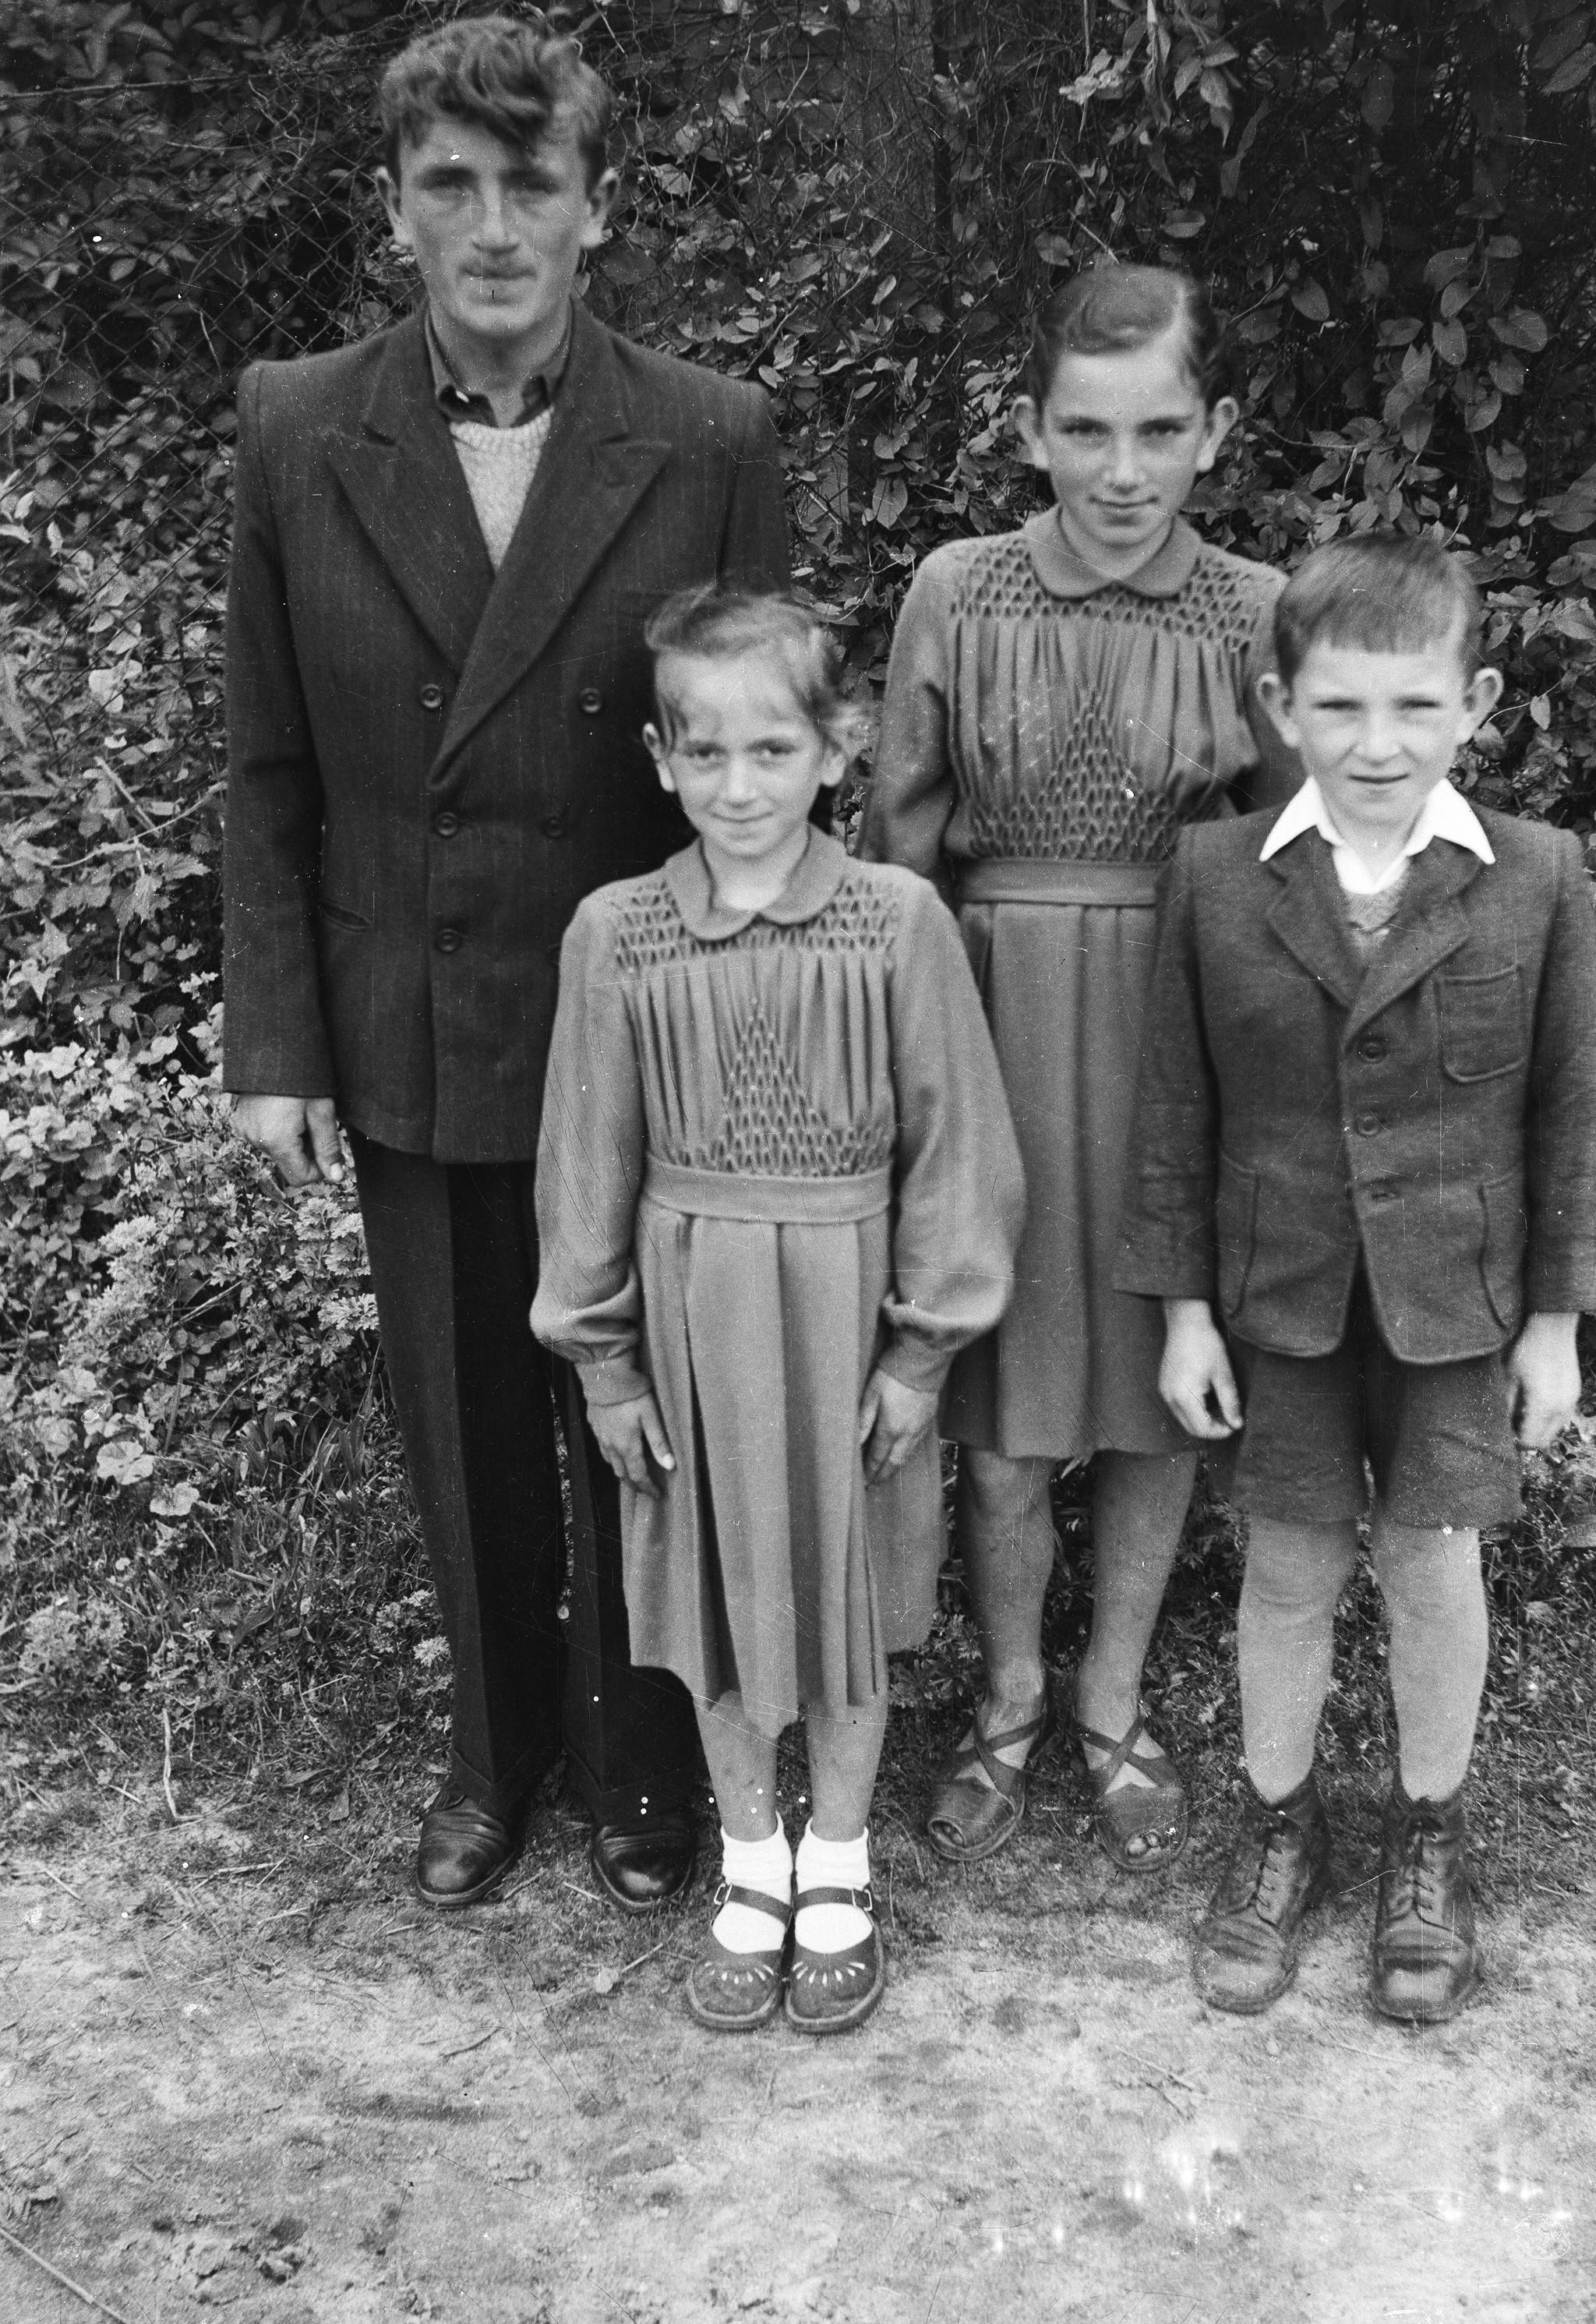 Rodzeństwo z rodziny Świątek, Turzany, Dolny Śląsk, lata 50. XX w.